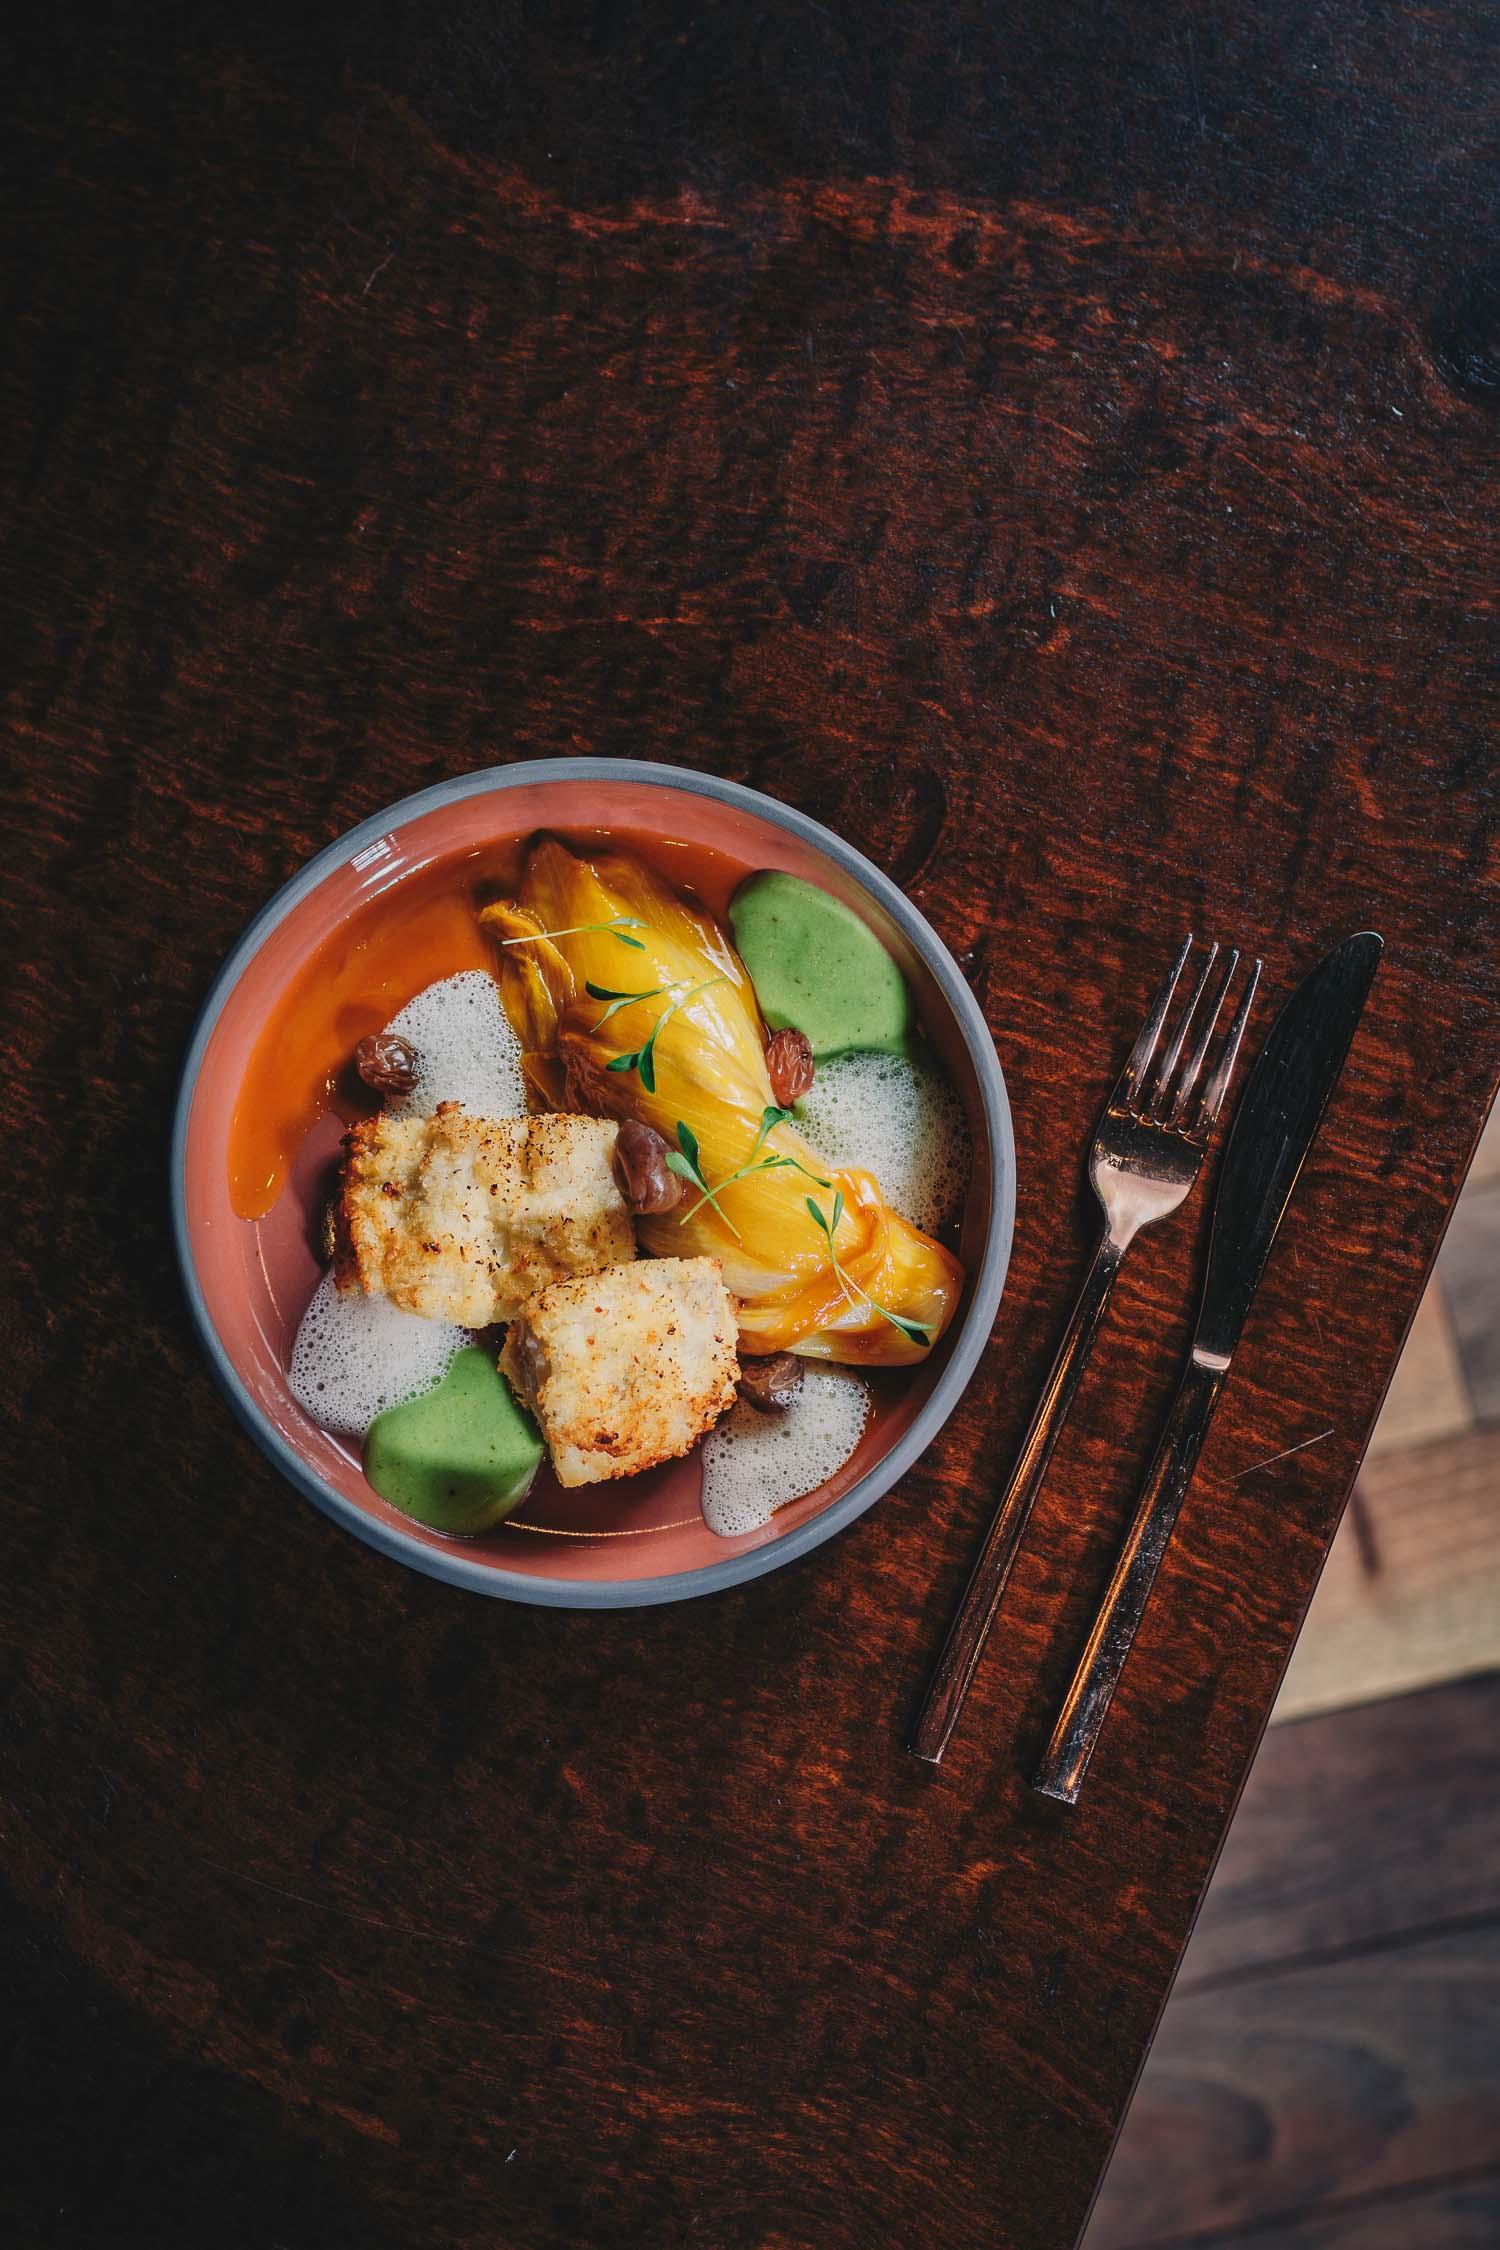 Fischstäbchen mit Kokosmatten, Orangenchicorée, getrocknete Trauben, Kräutersauce und Fischschaum